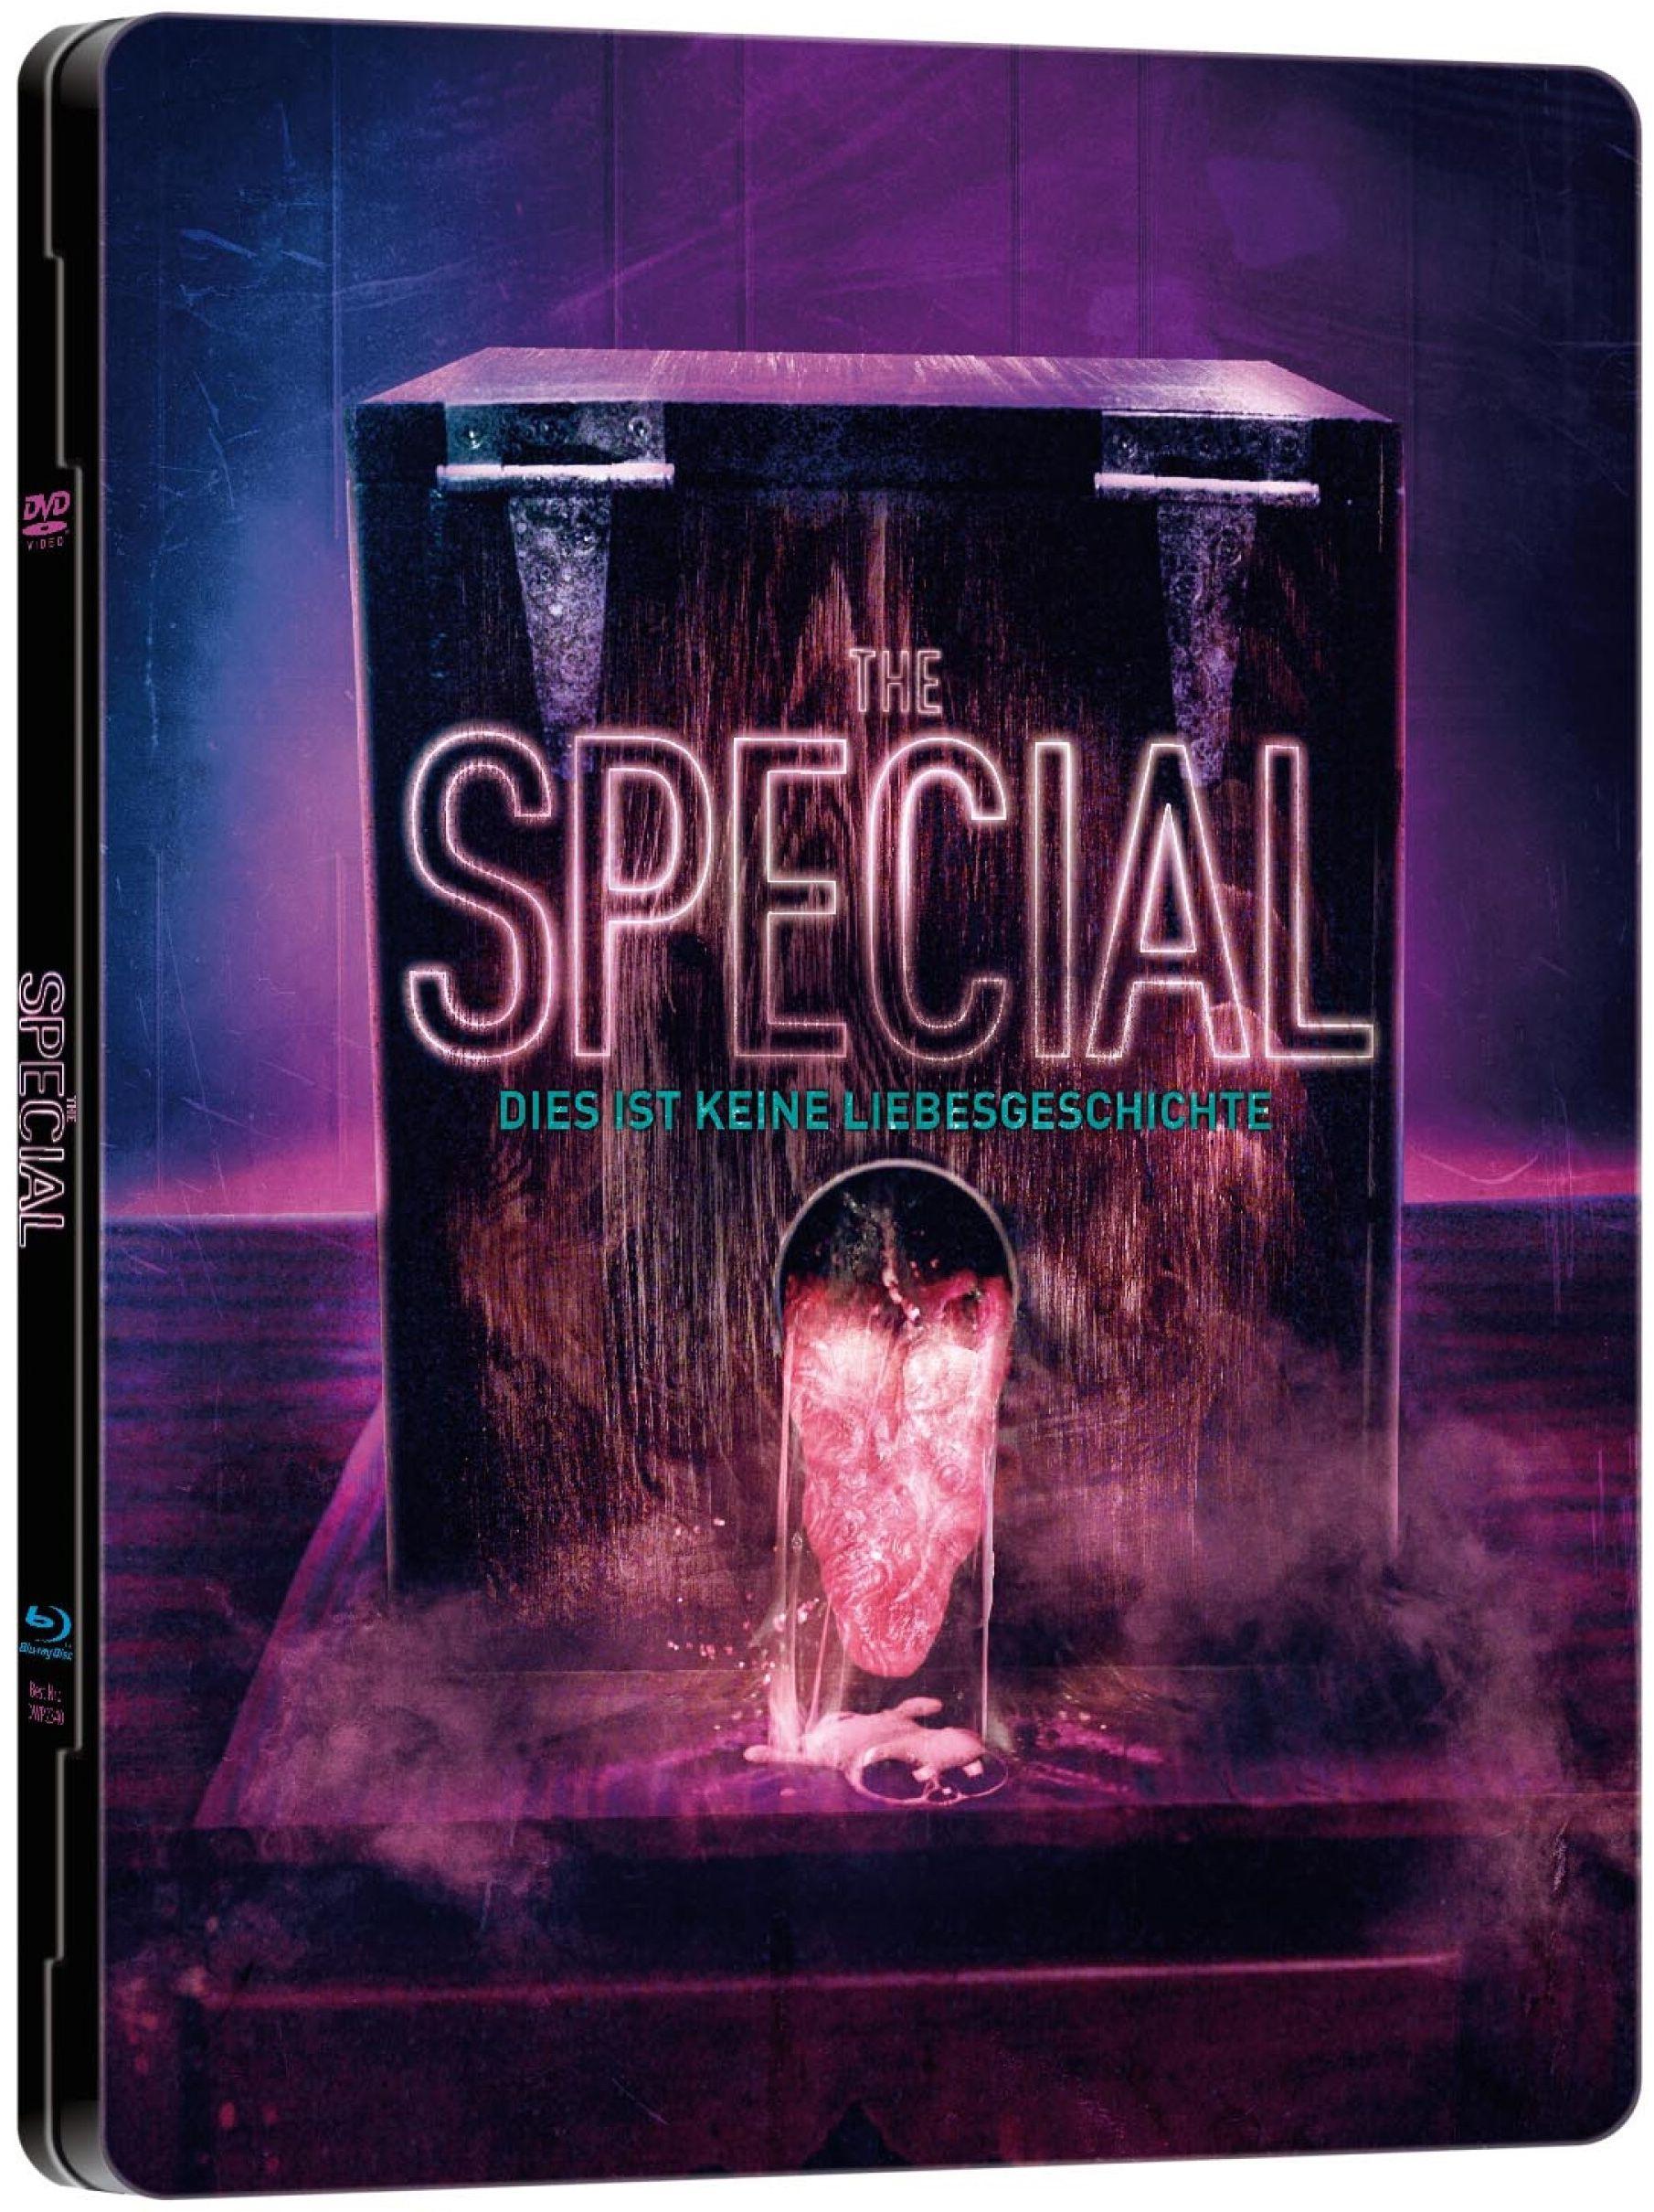 Special, The - Dies ist keine Liebesgeschichte (Lim. Metalpak) (DVD + BLURAY)